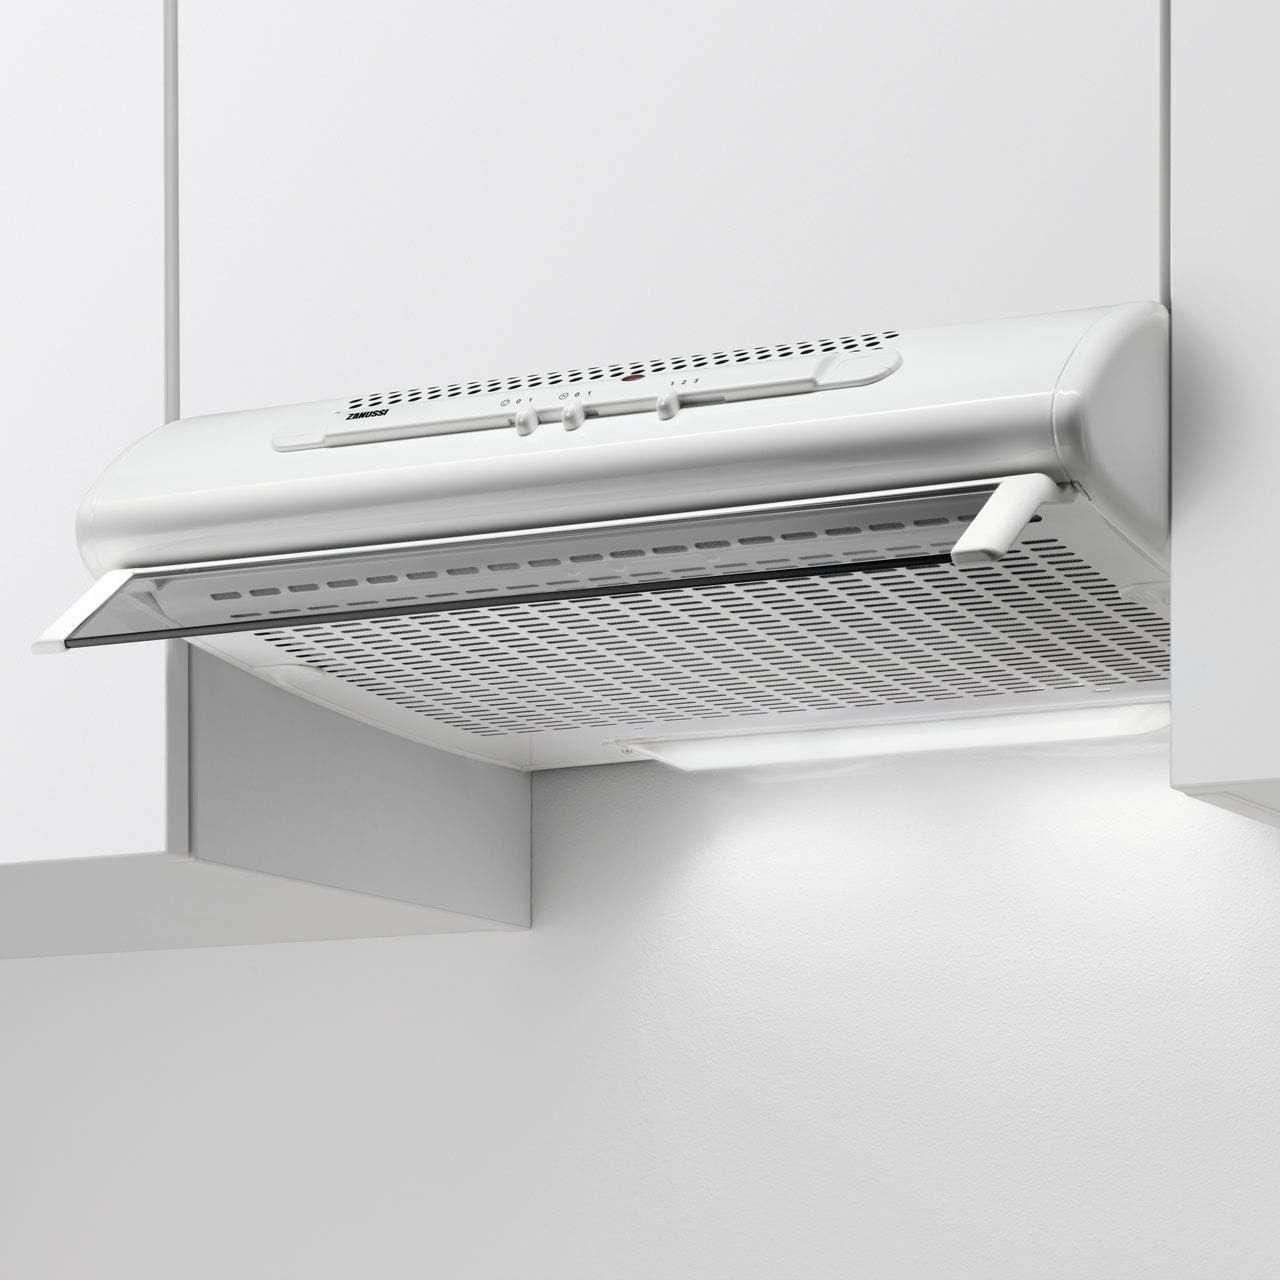 Zanussi ZHT611W - Campana de cocina convencional, color blanco: Amazon.es: Grandes electrodomésticos